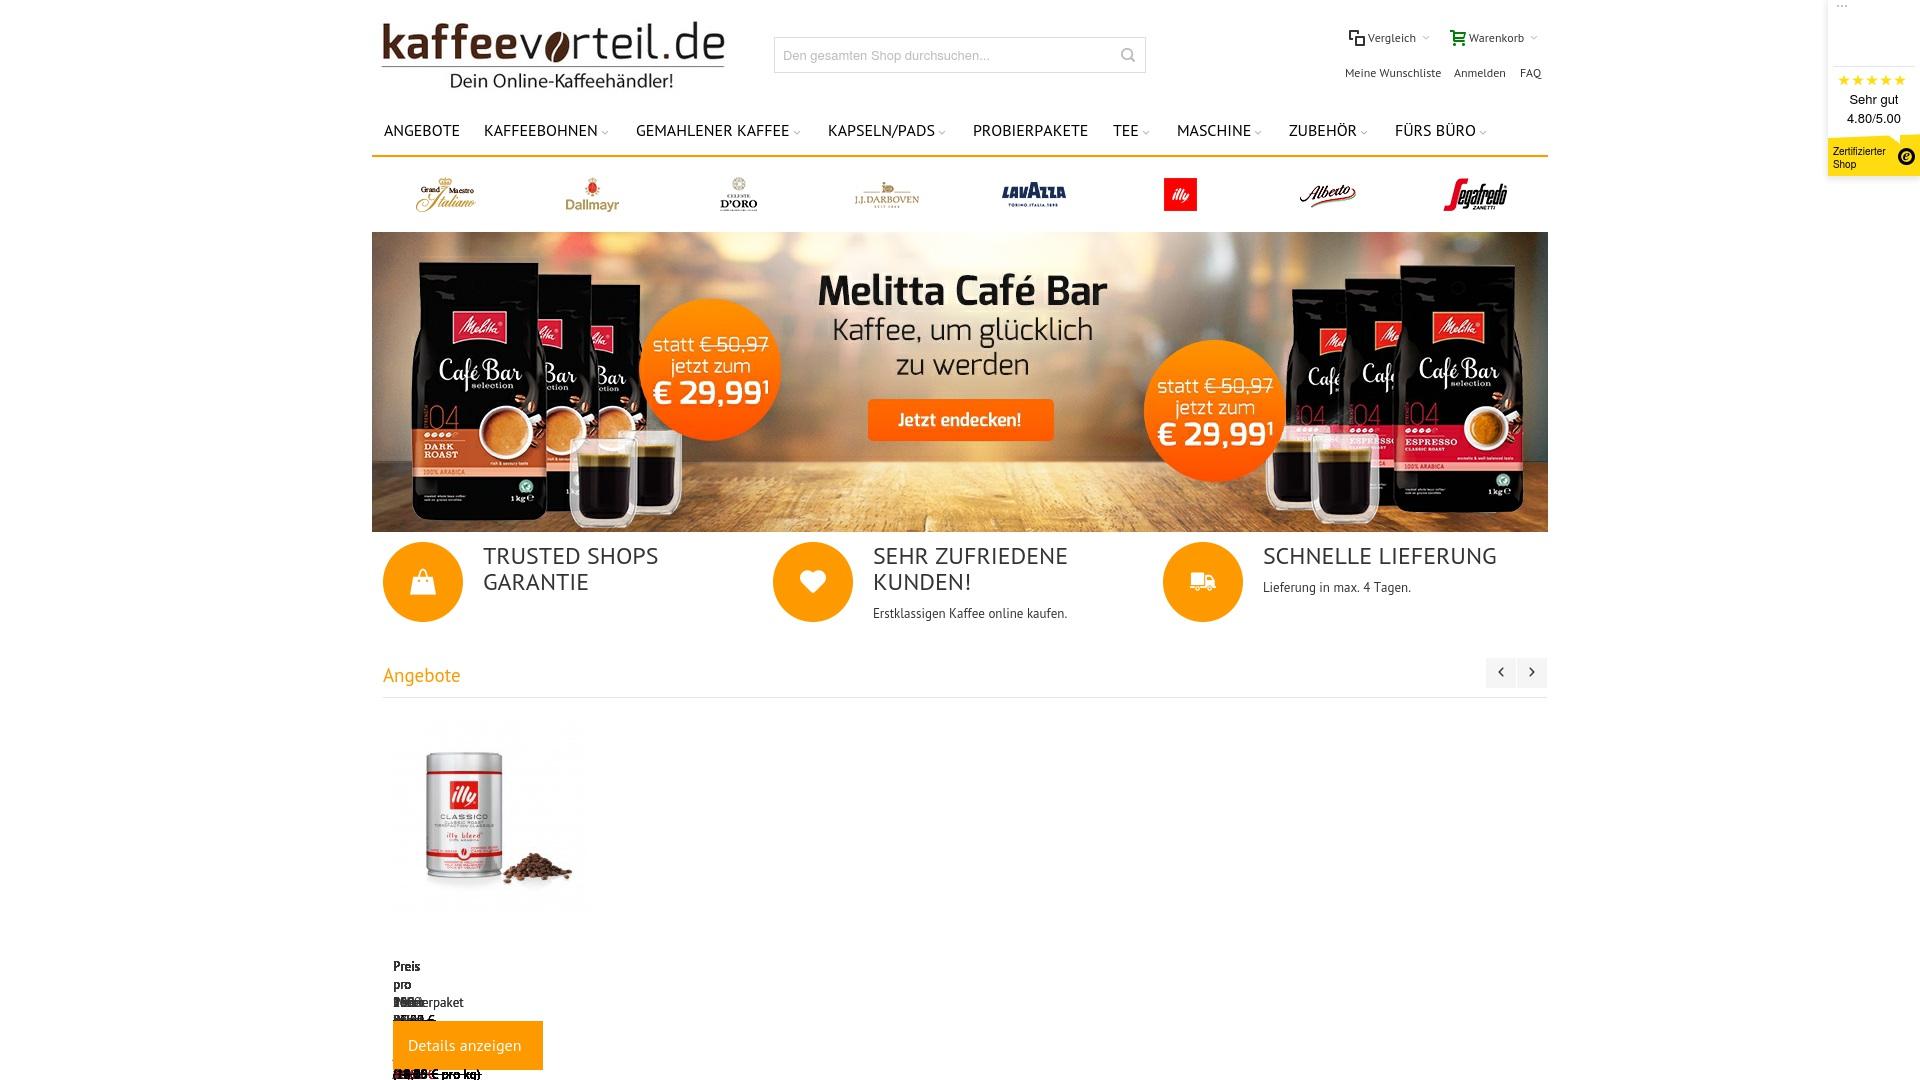 Gutschein für Kaffeevorteil: Rabatte für  Kaffeevorteil sichern